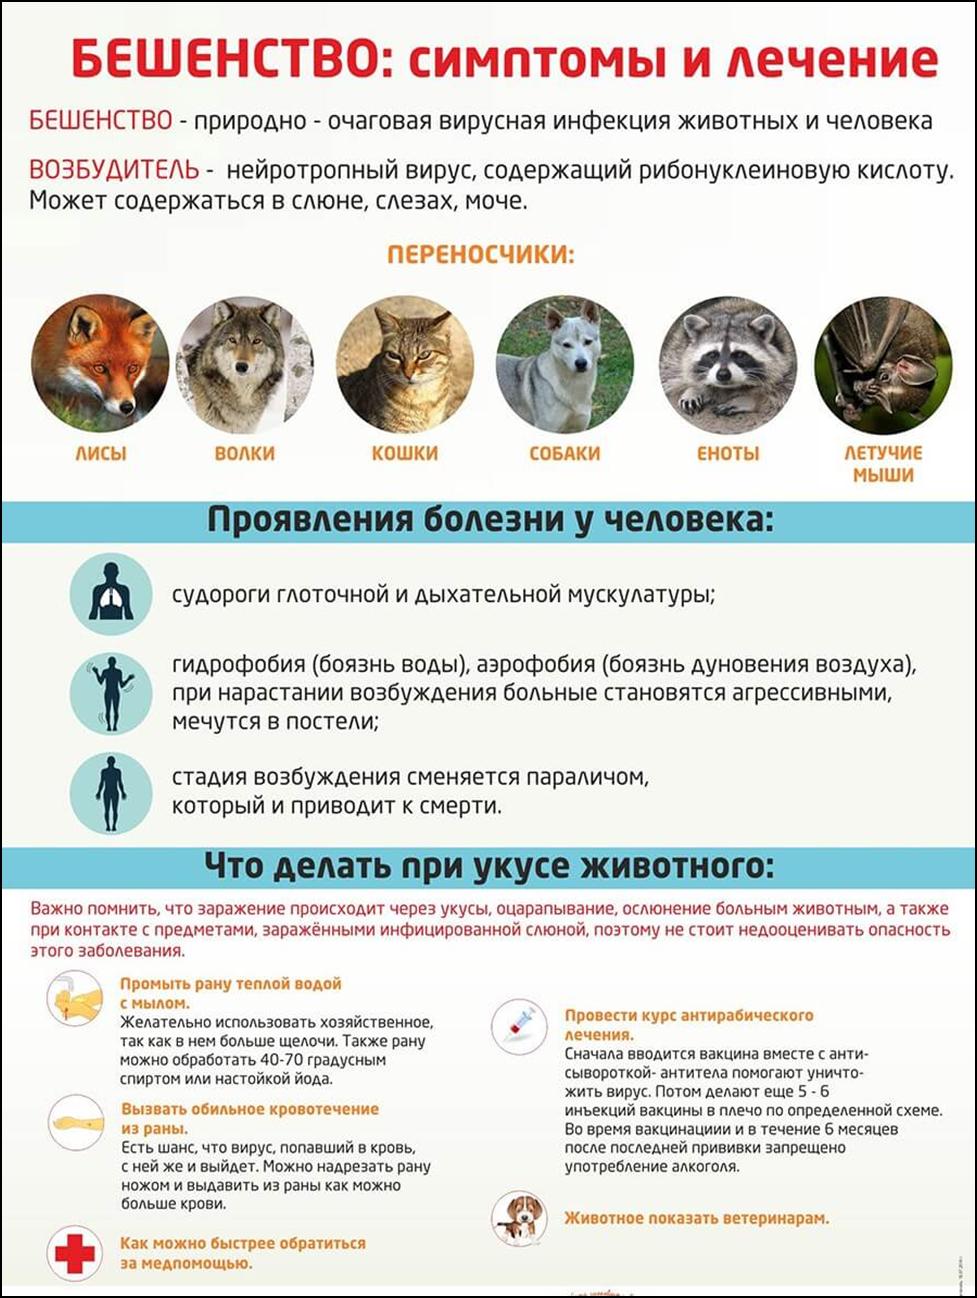 Бешенство у кошек. 14 симптомов которые помогут определить